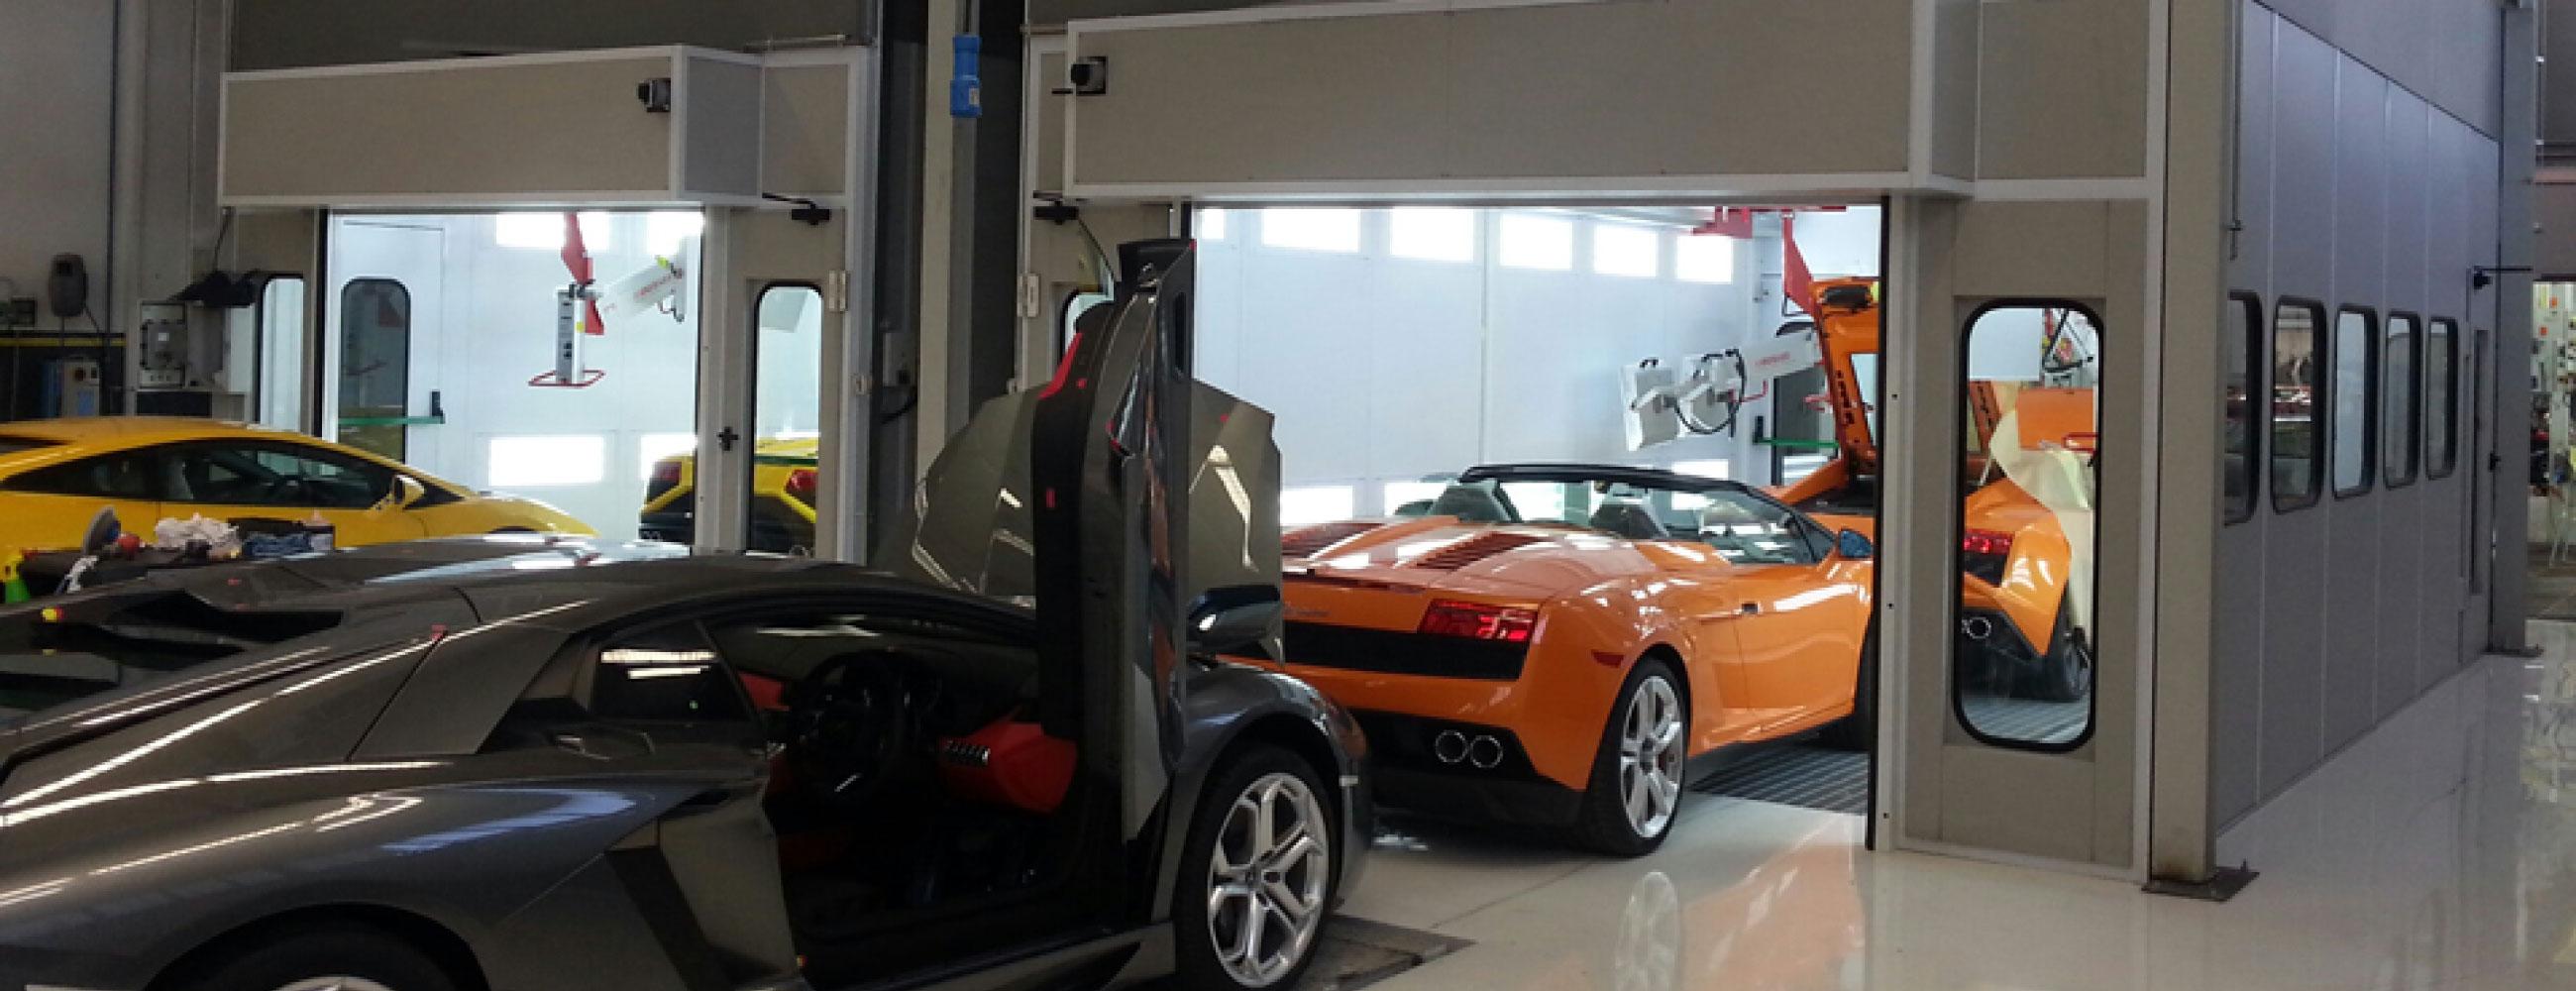 Automotive Refinishing | Accudraft